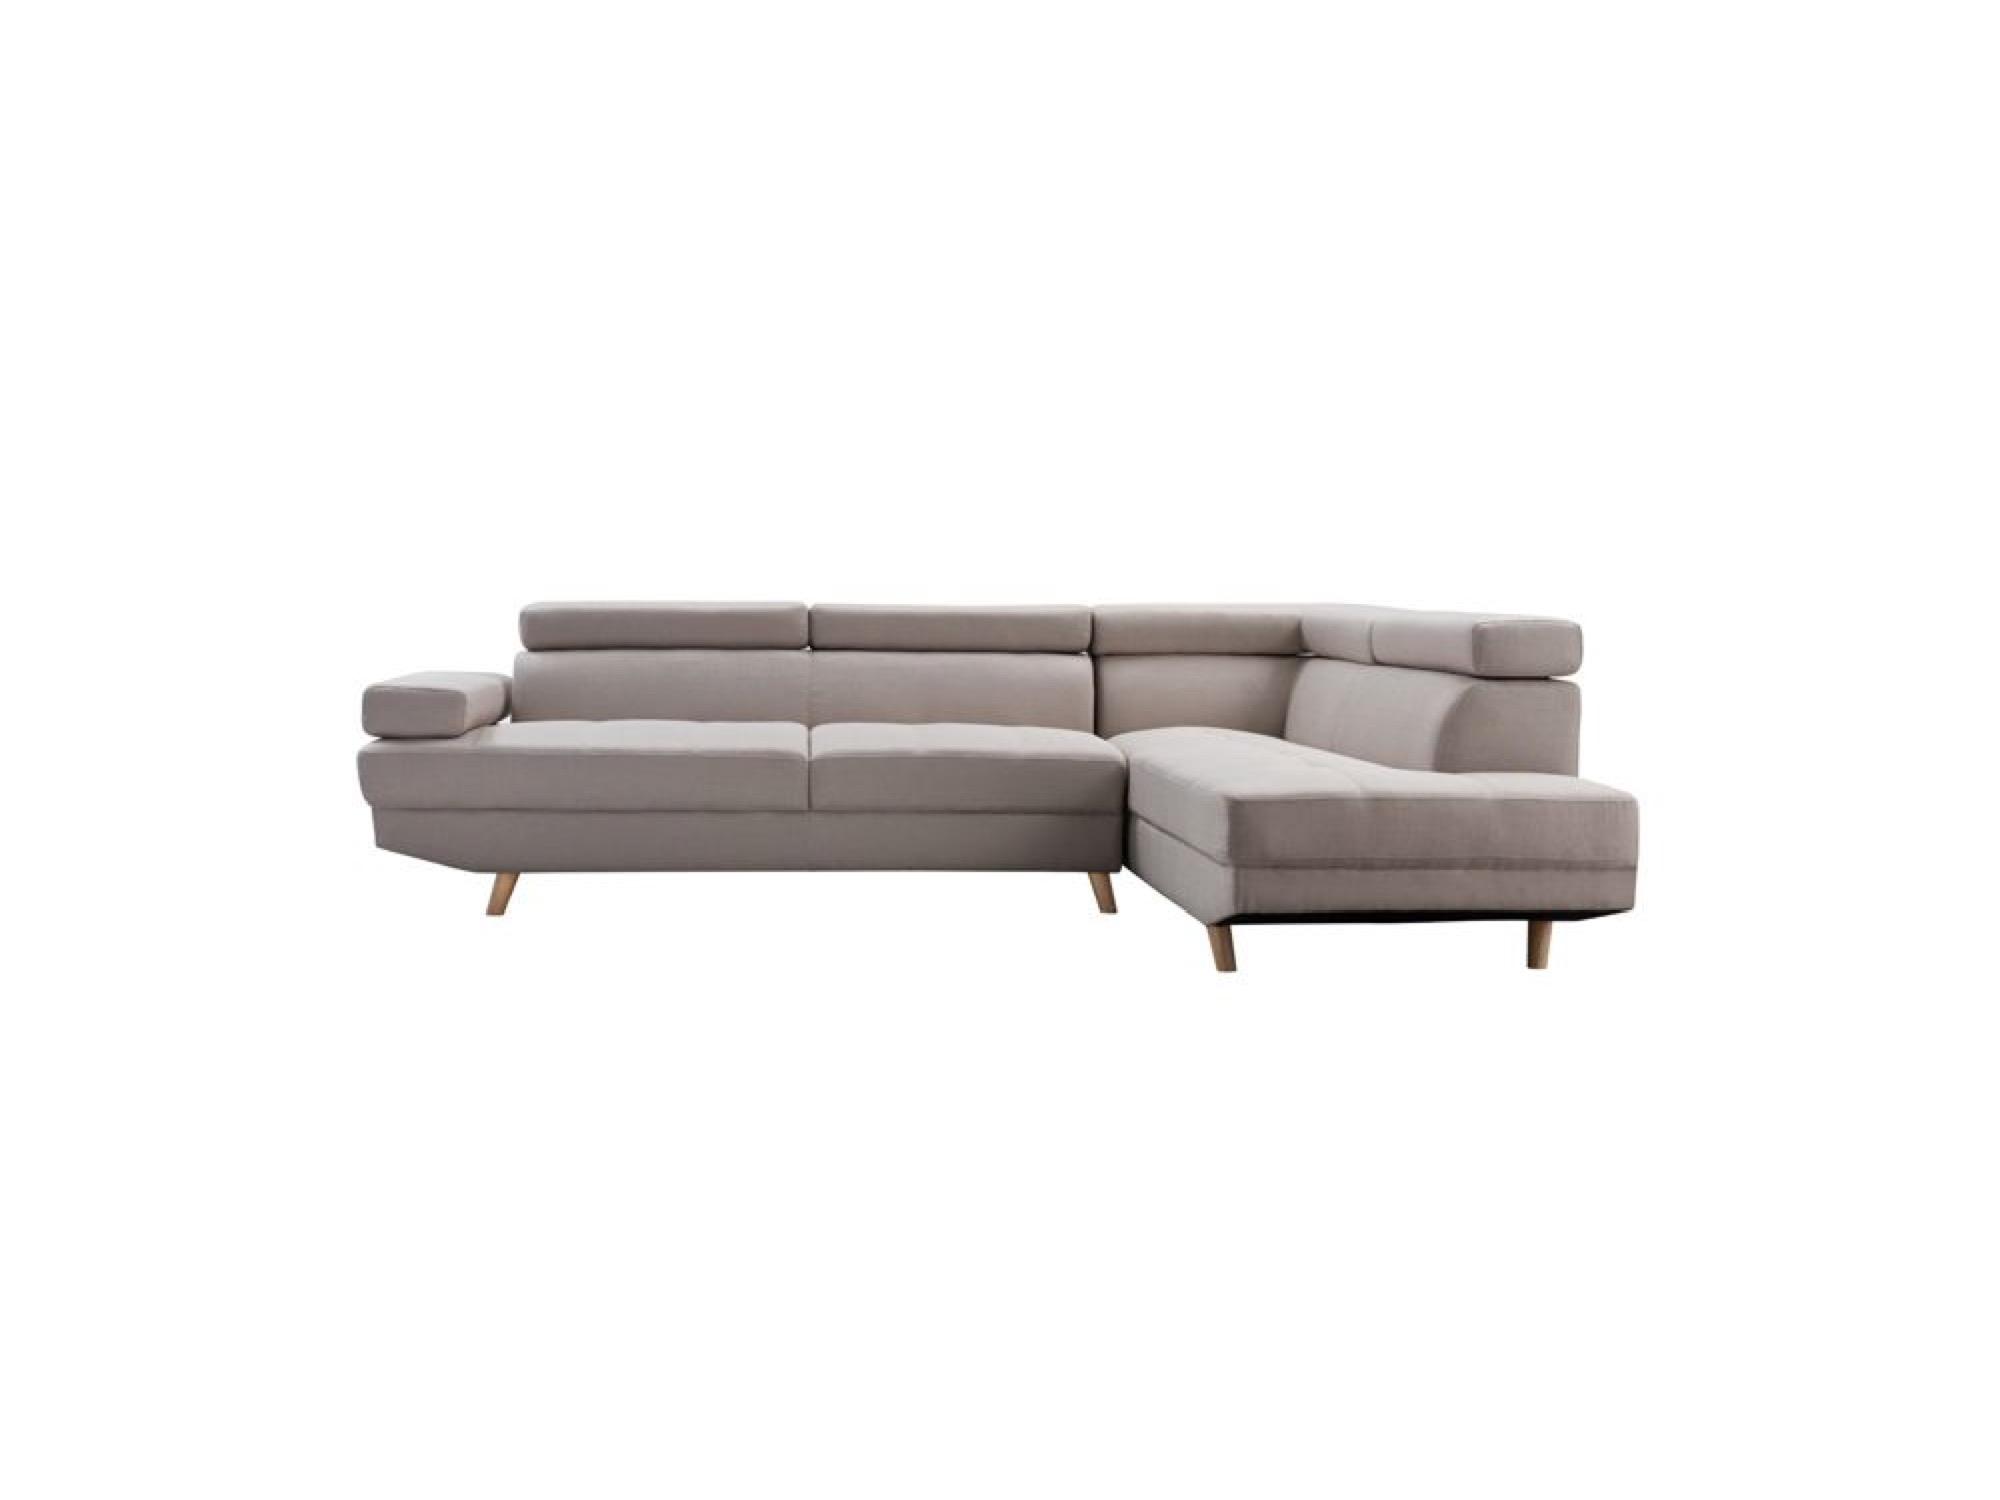 Canapé d'angle 4 places Beige Tissu Design Confort